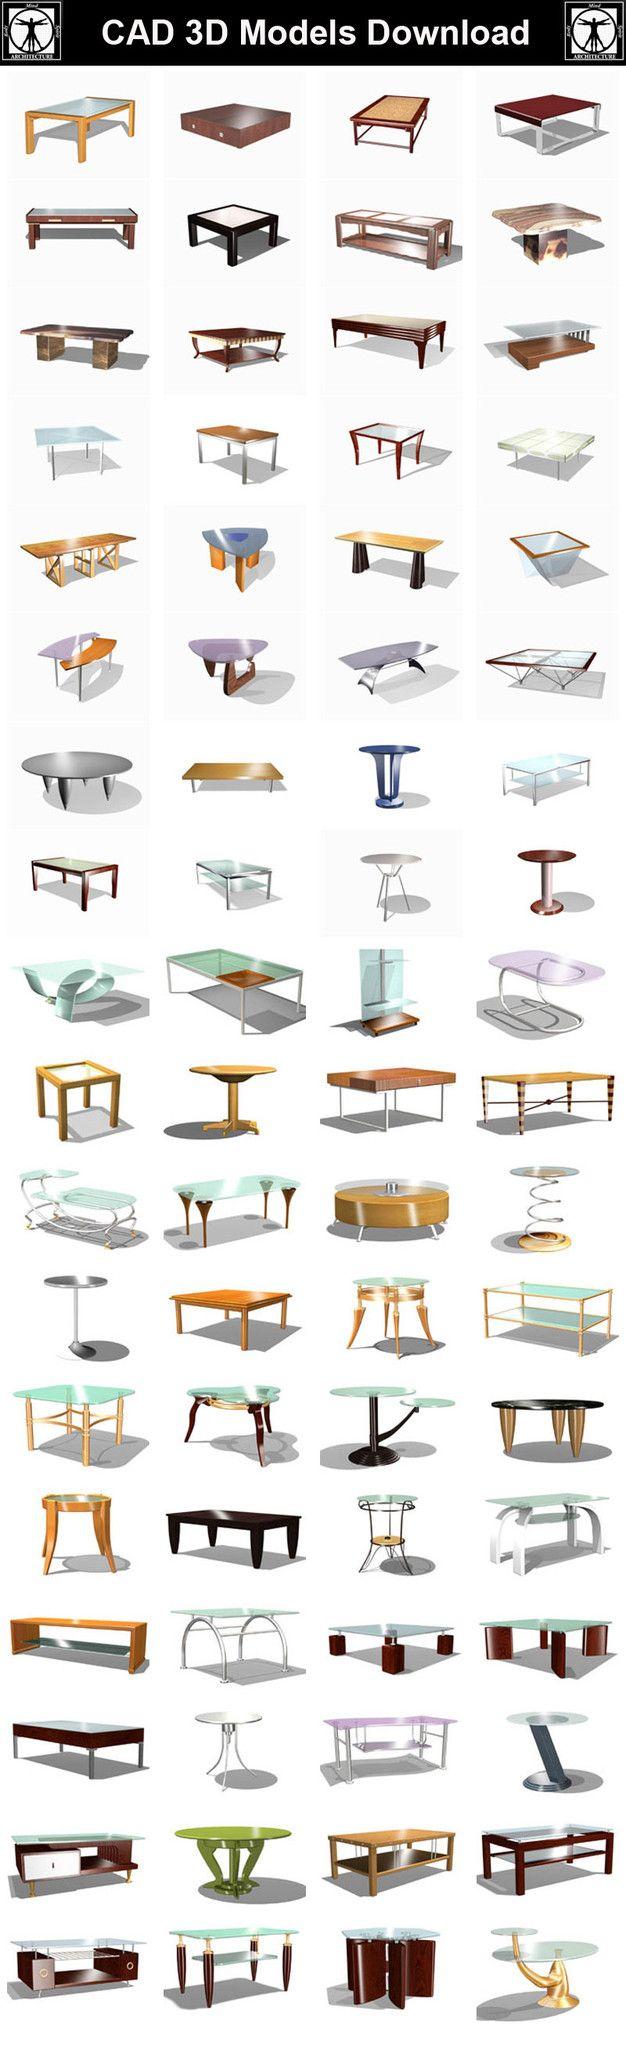 Tables 3D Cad Models – CAD Design | Free CAD Blocks,Drawings,Details